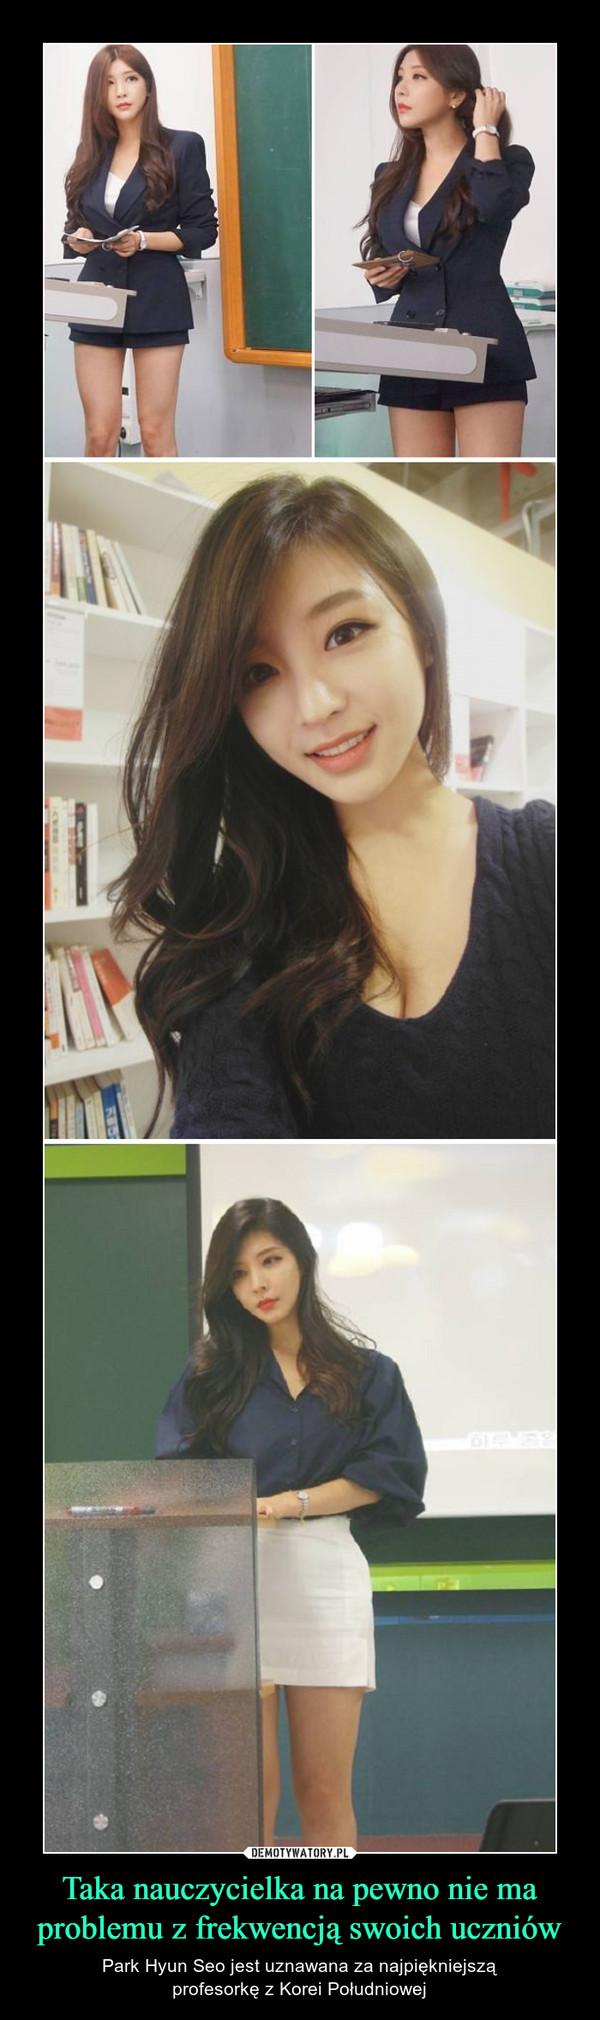 Taka nauczycielka na pewno nie ma problemu z frekwencją swoich uczniów – Park Hyun Seo jest uznawana za najpiękniejsząprofesorkę z Korei Południowej